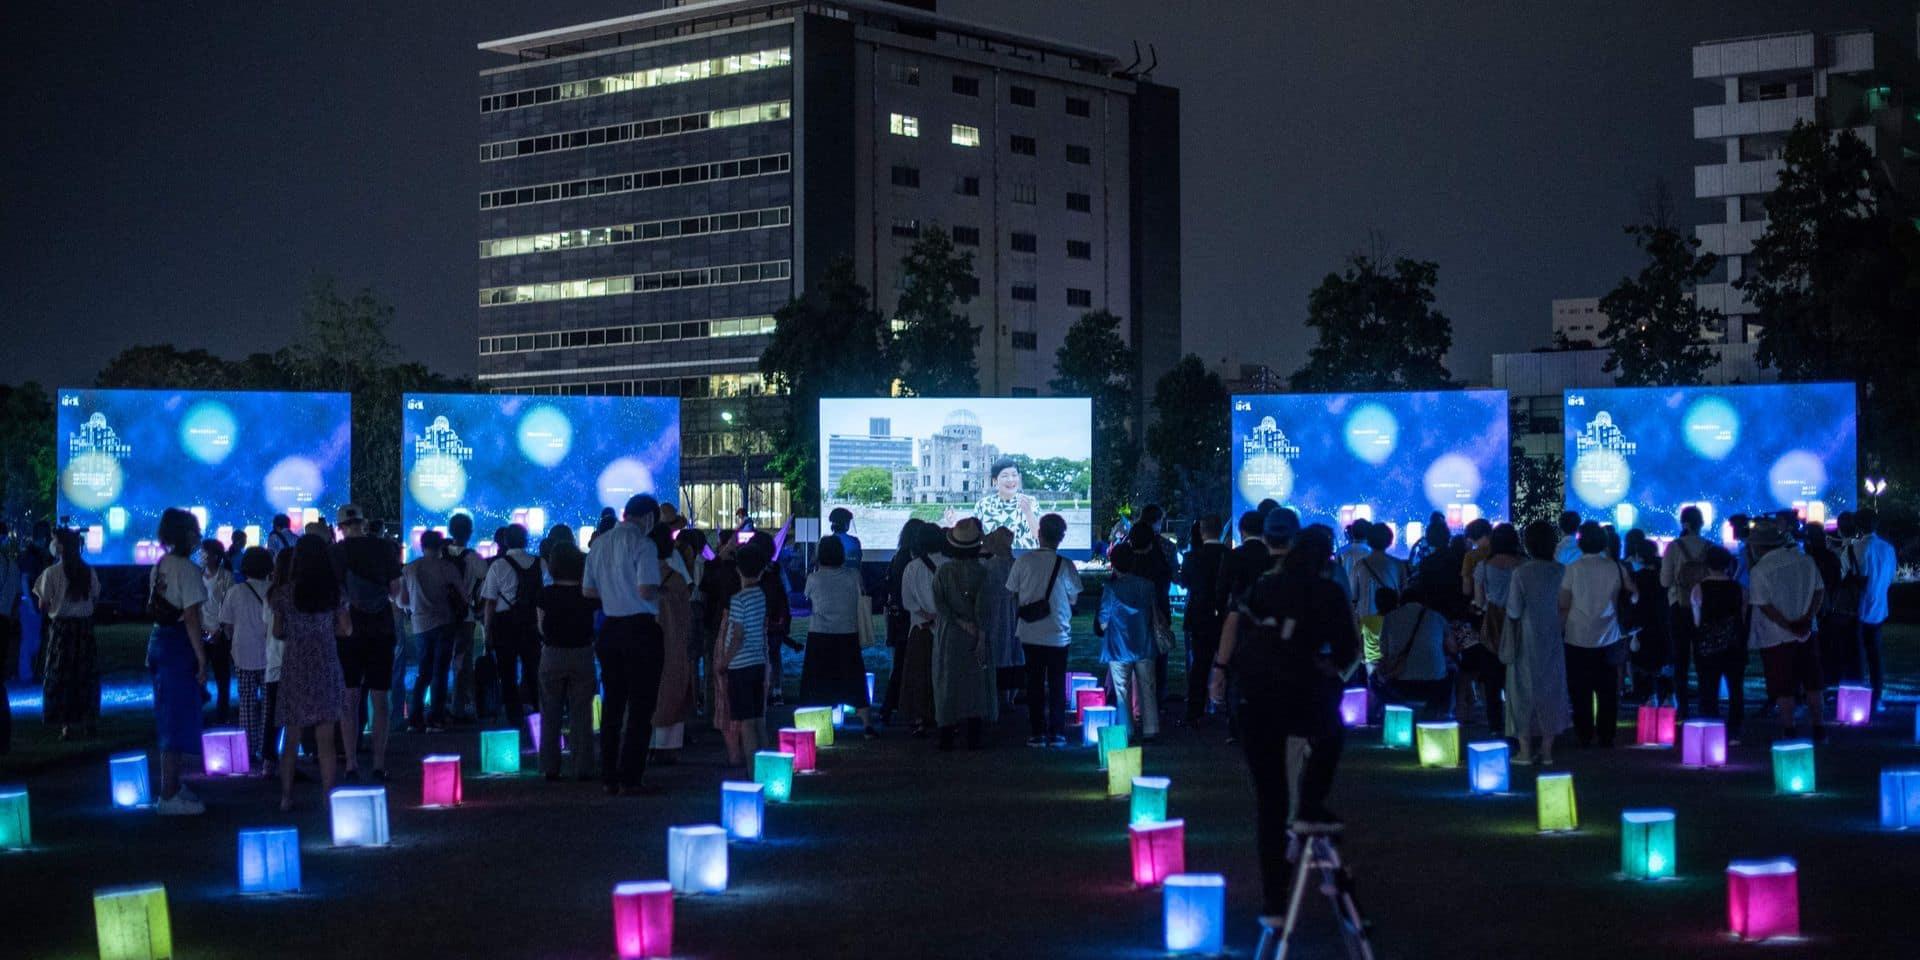 """Japon: les irradiés par la """"petite pluie noire"""", des retombées radioactives, sont reconnus comme victimes"""